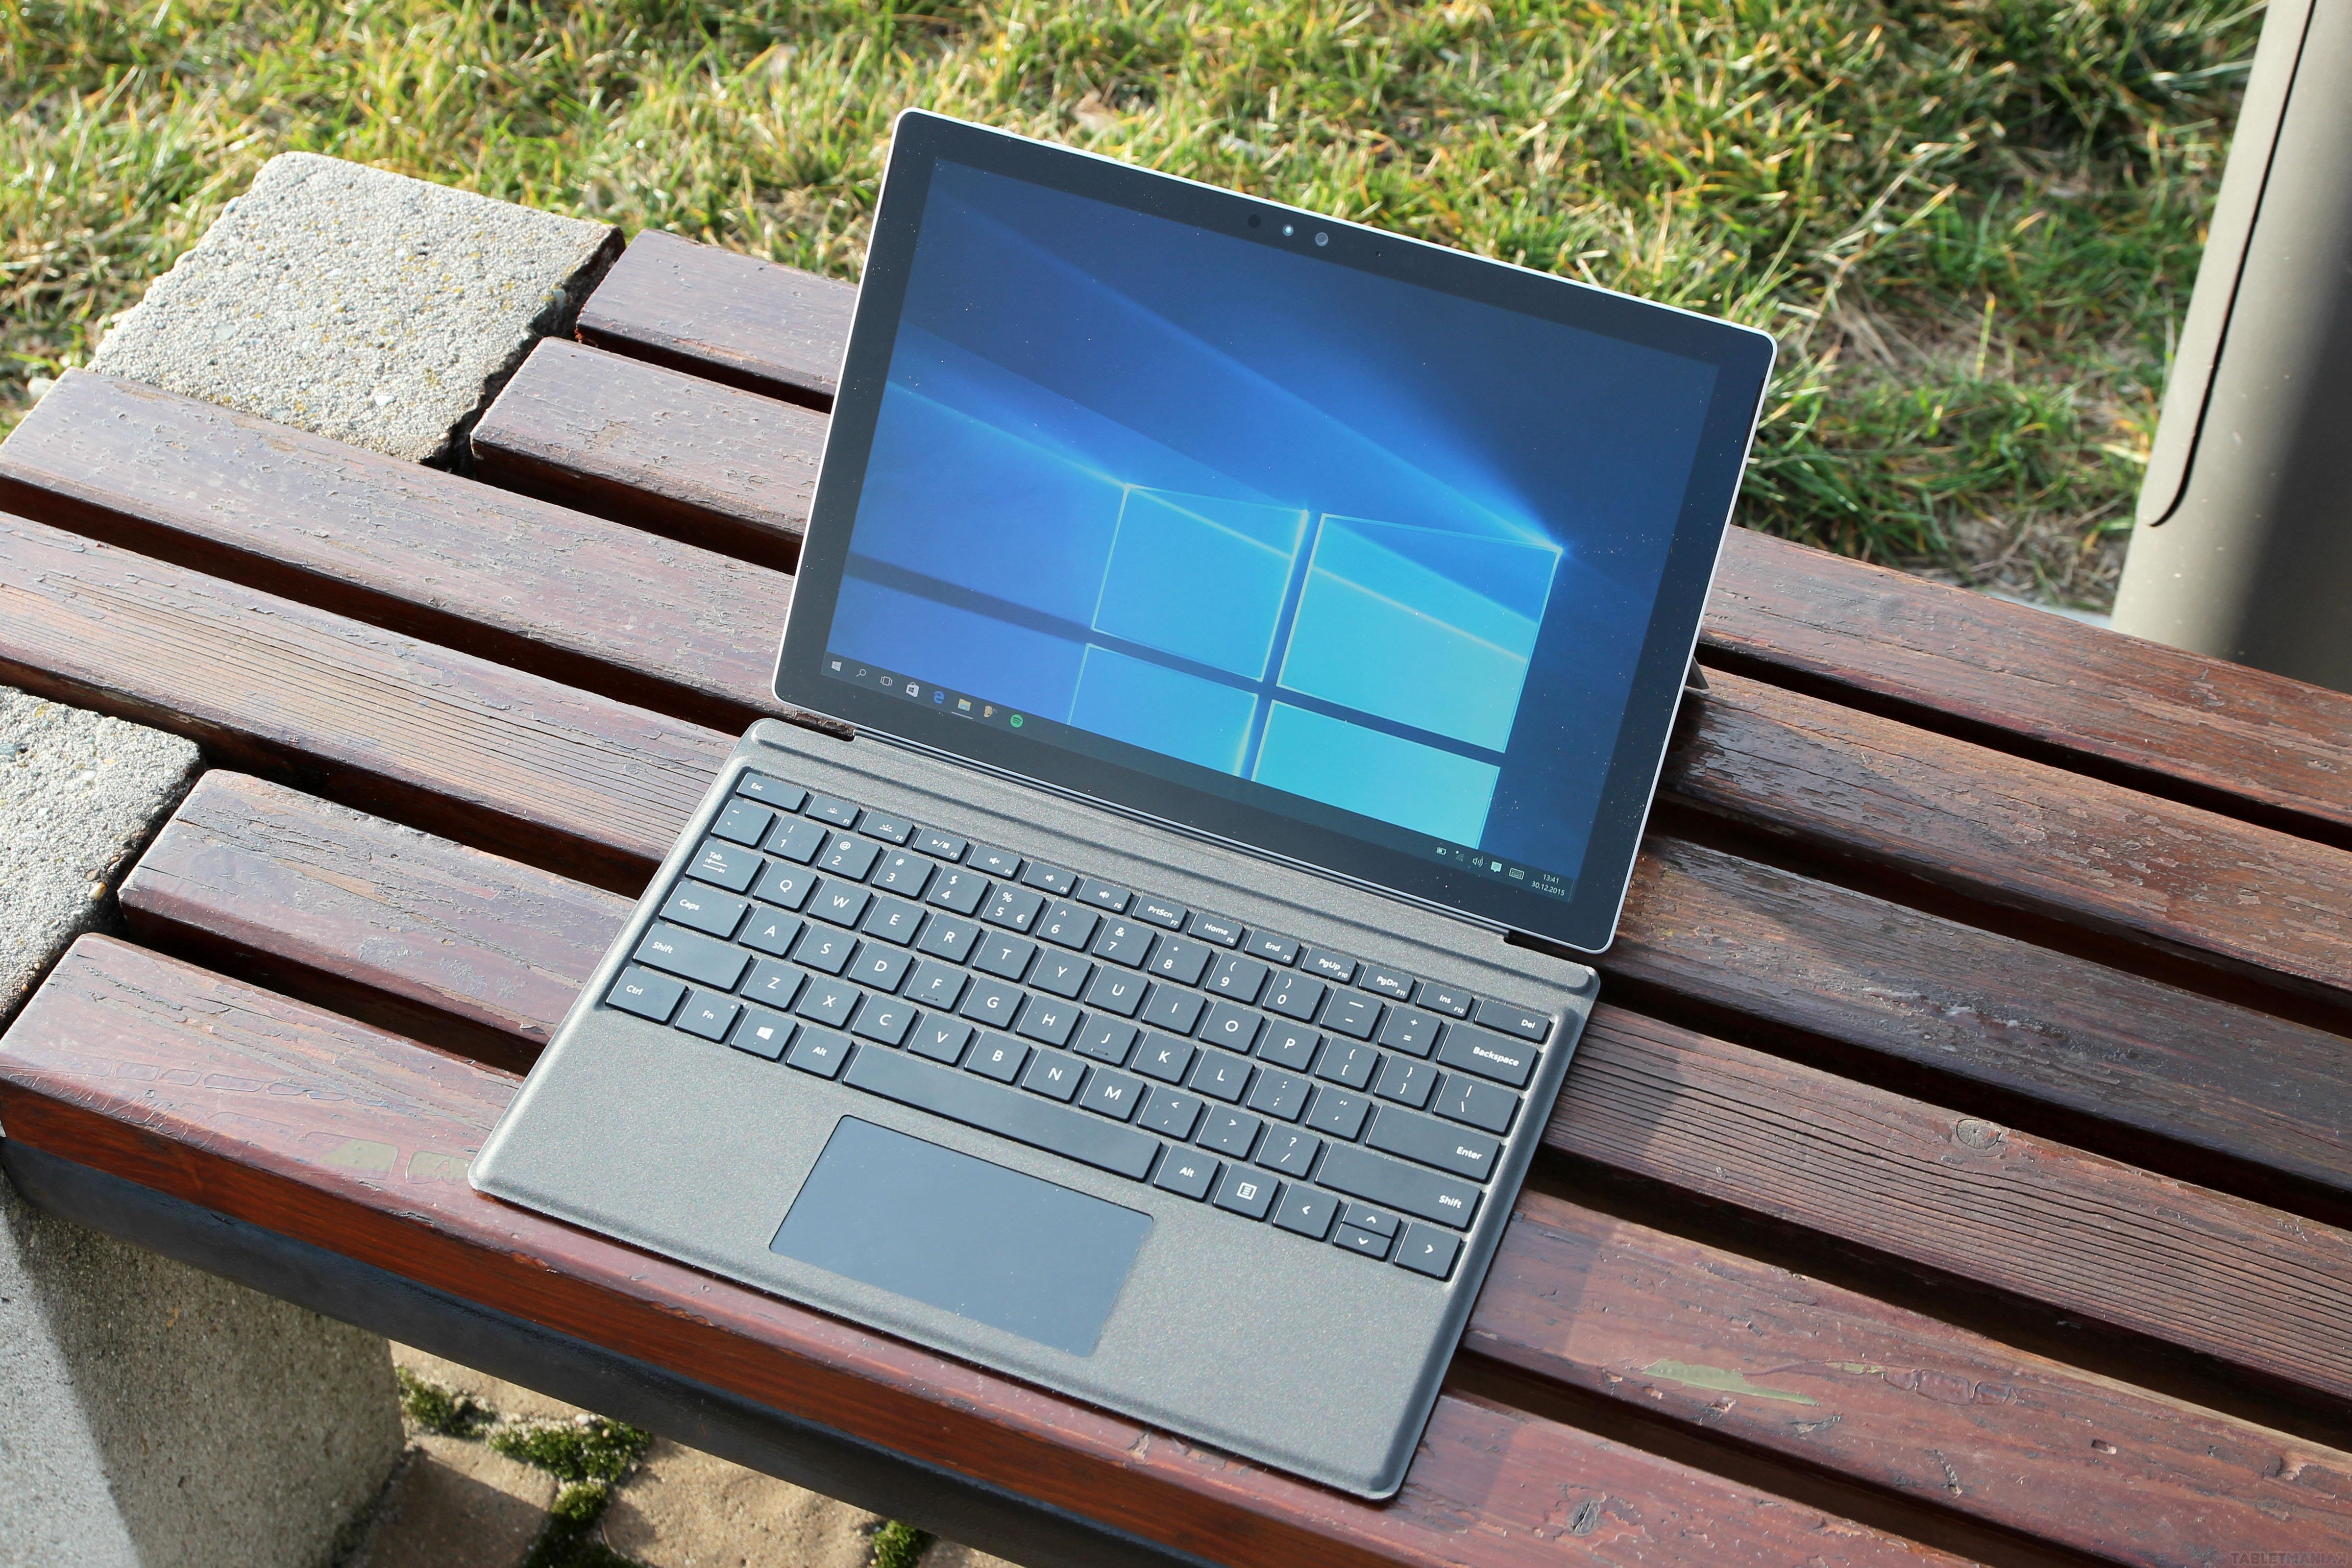 Microsoft Surface Pro 4 — test (niemal) idealnego tabletu z Windows 10